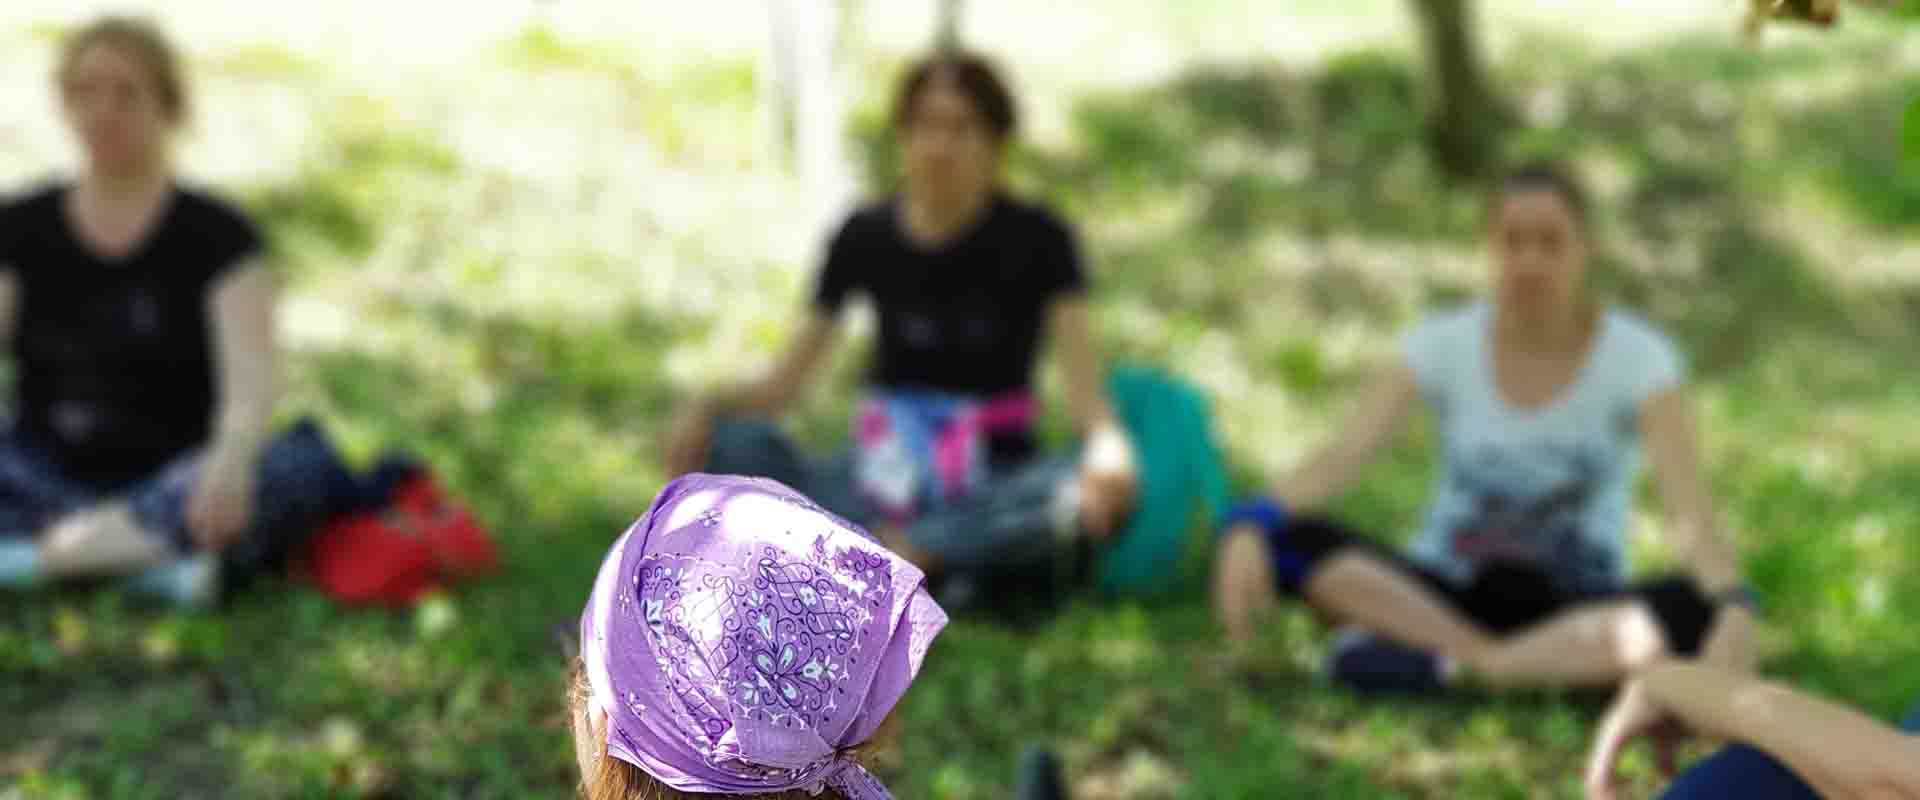 2-3 Ottobre Percorso Shinrin-Yoku: Il Bagno Di Foresta Ritiro Di Meditazione Nel Bosco